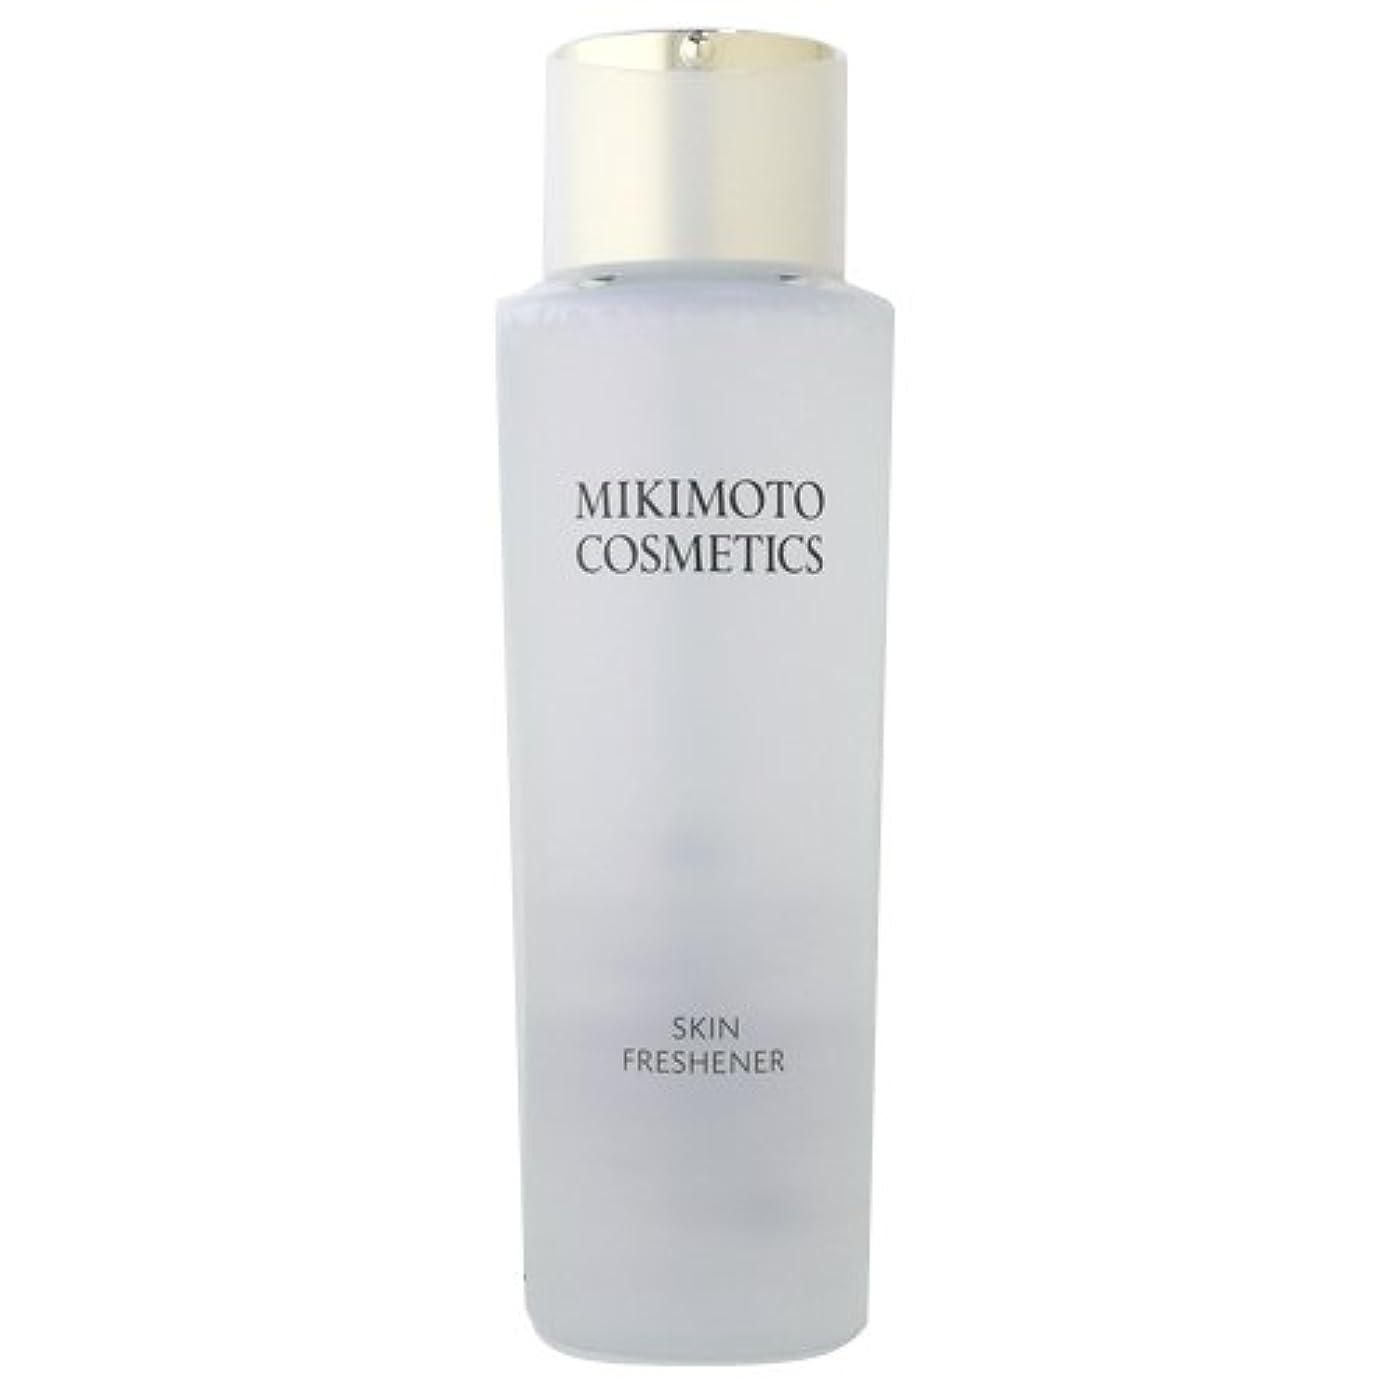 低下球状ポジションミキモト化粧品 MIKIMOTO コスメティックス スキンフレッシュナー 200mL